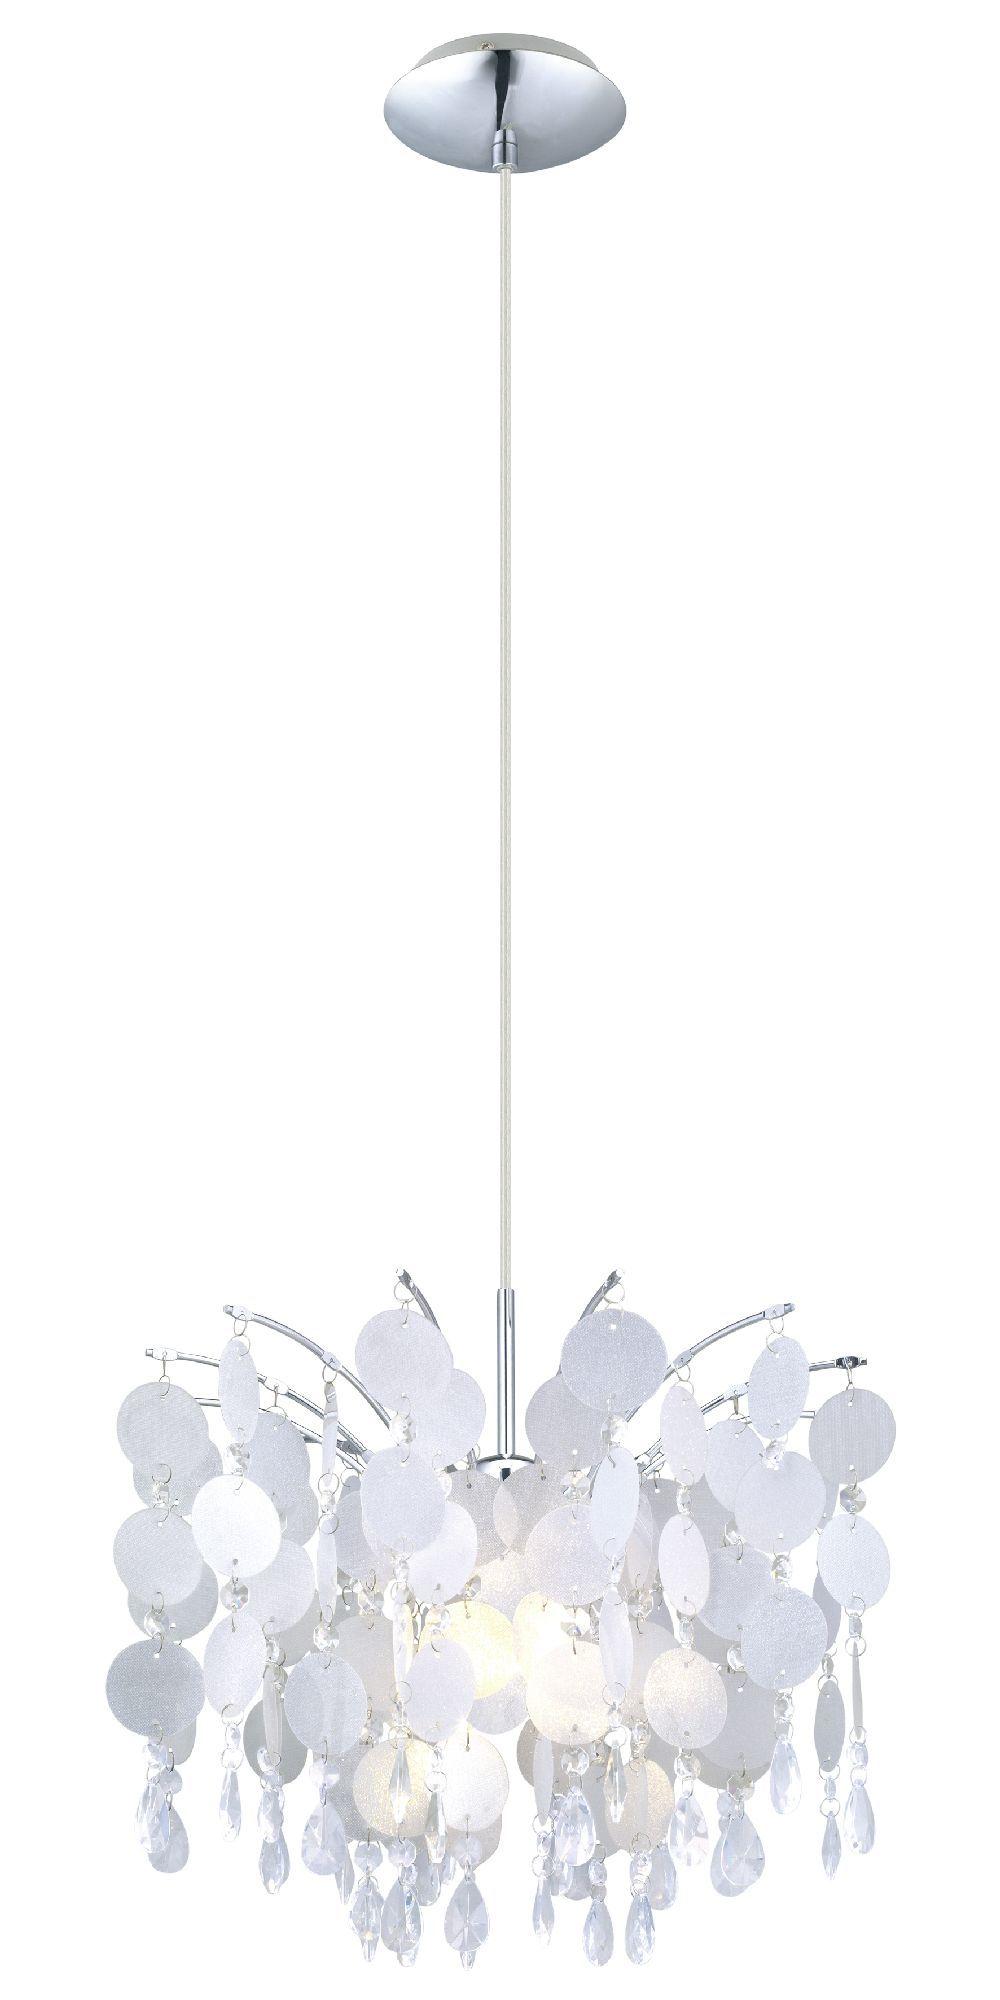 eglo plafondlampen 90828 led lampen. Black Bedroom Furniture Sets. Home Design Ideas